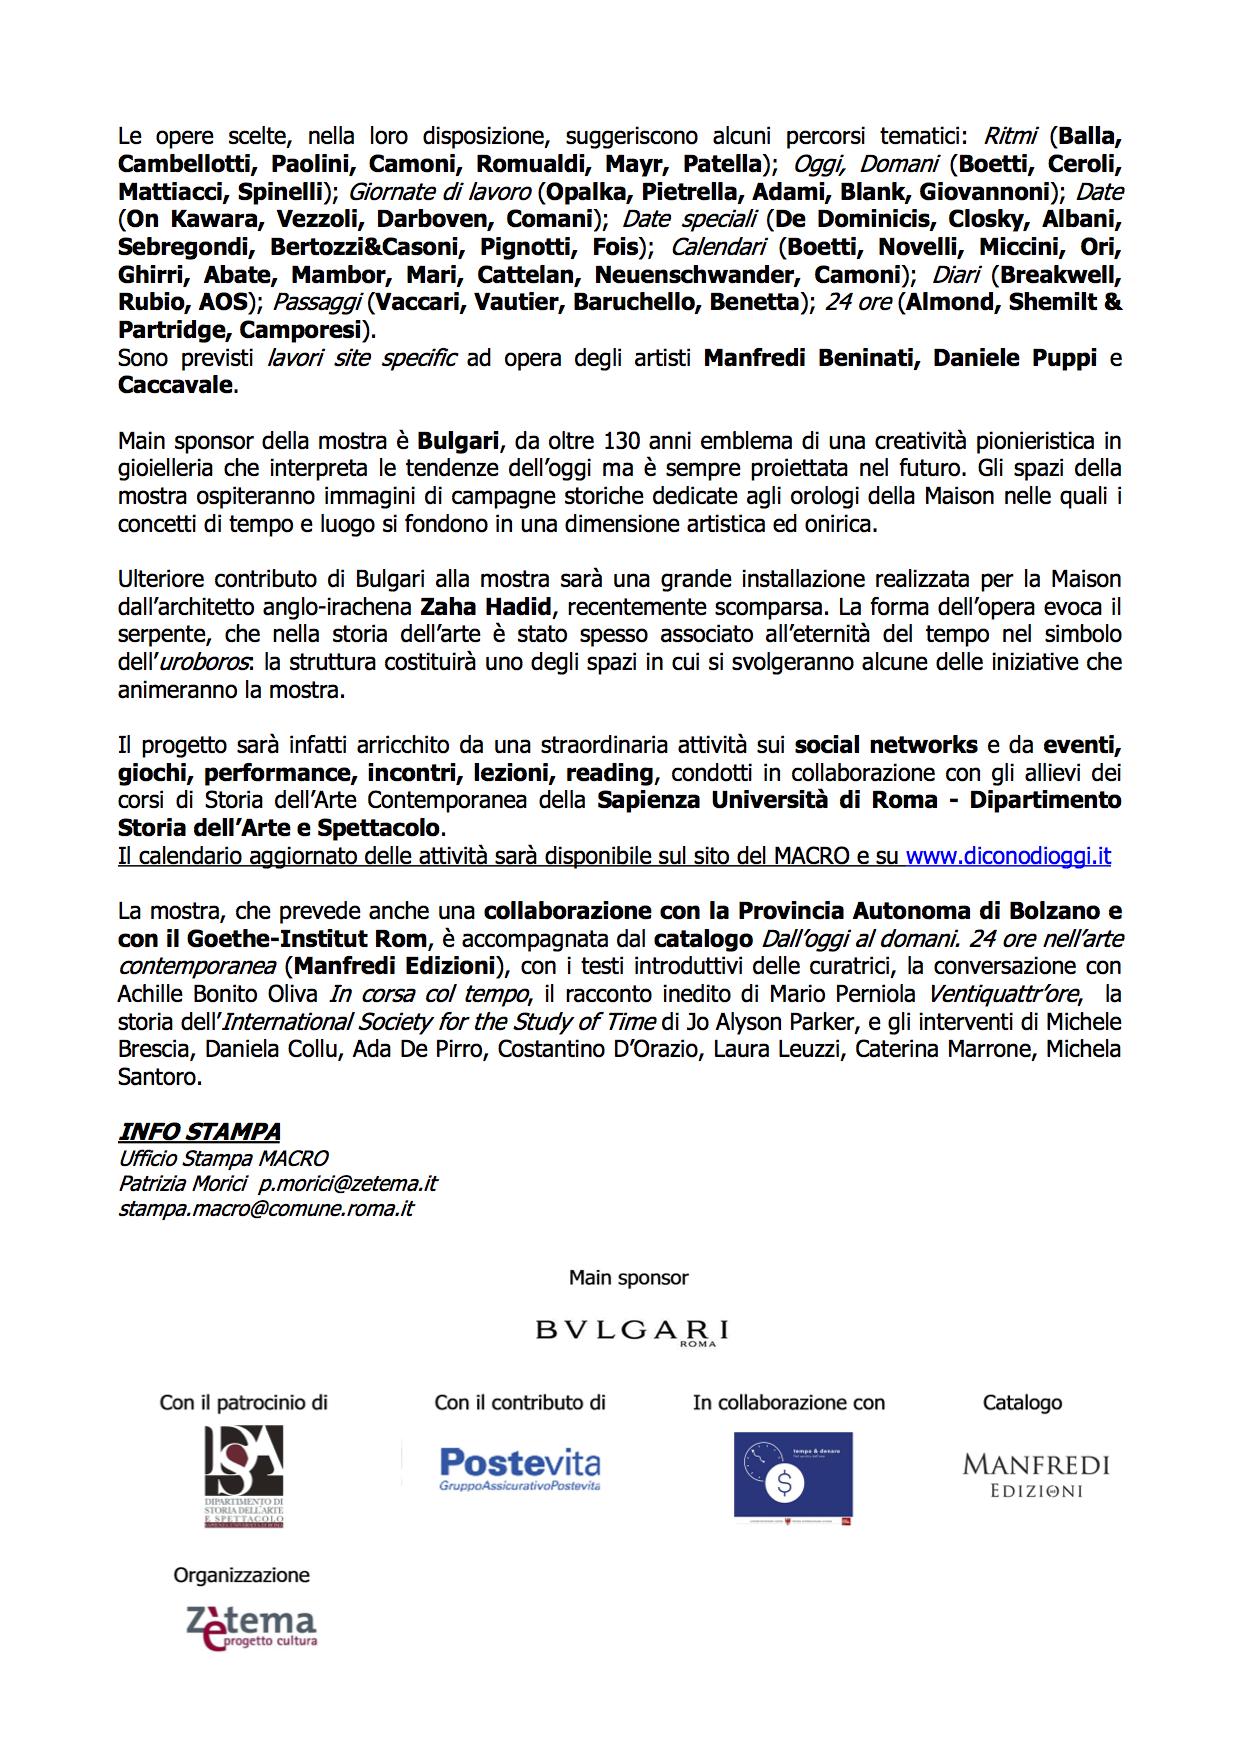 page 2 of 3 Press Release for exhibition 'Dall'oggi al domani. 24 ore nell'arte contemporanea' at  MACRO Via Nizza, 01 May - 02 October 2016 © Cultural Documents